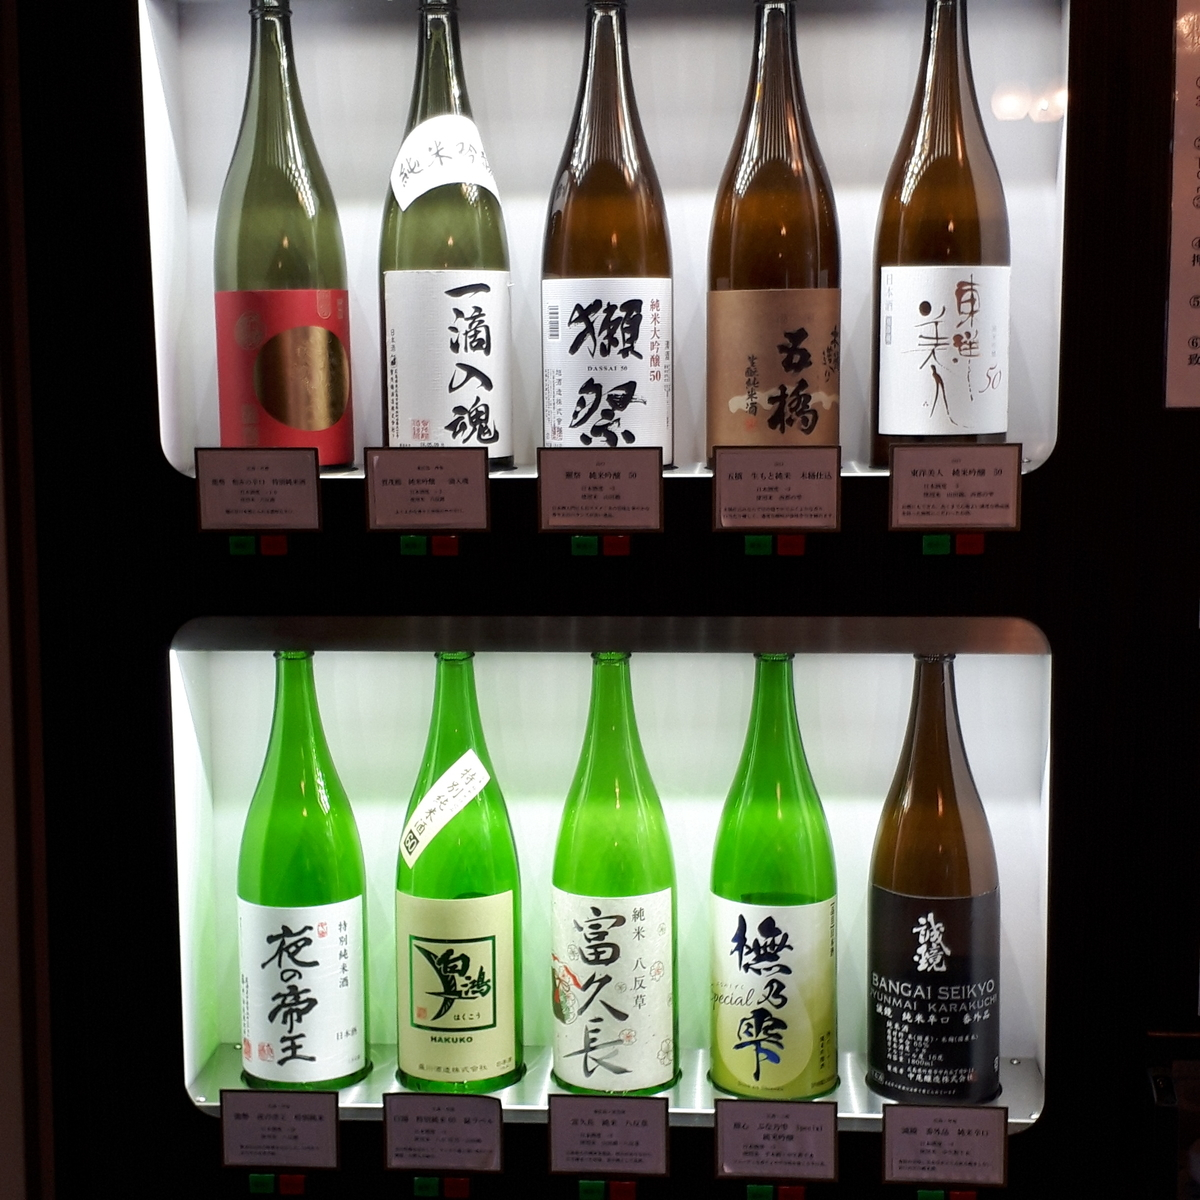 宮島 だるまの八昌 ちょい飲みセット 日本酒自動販売機